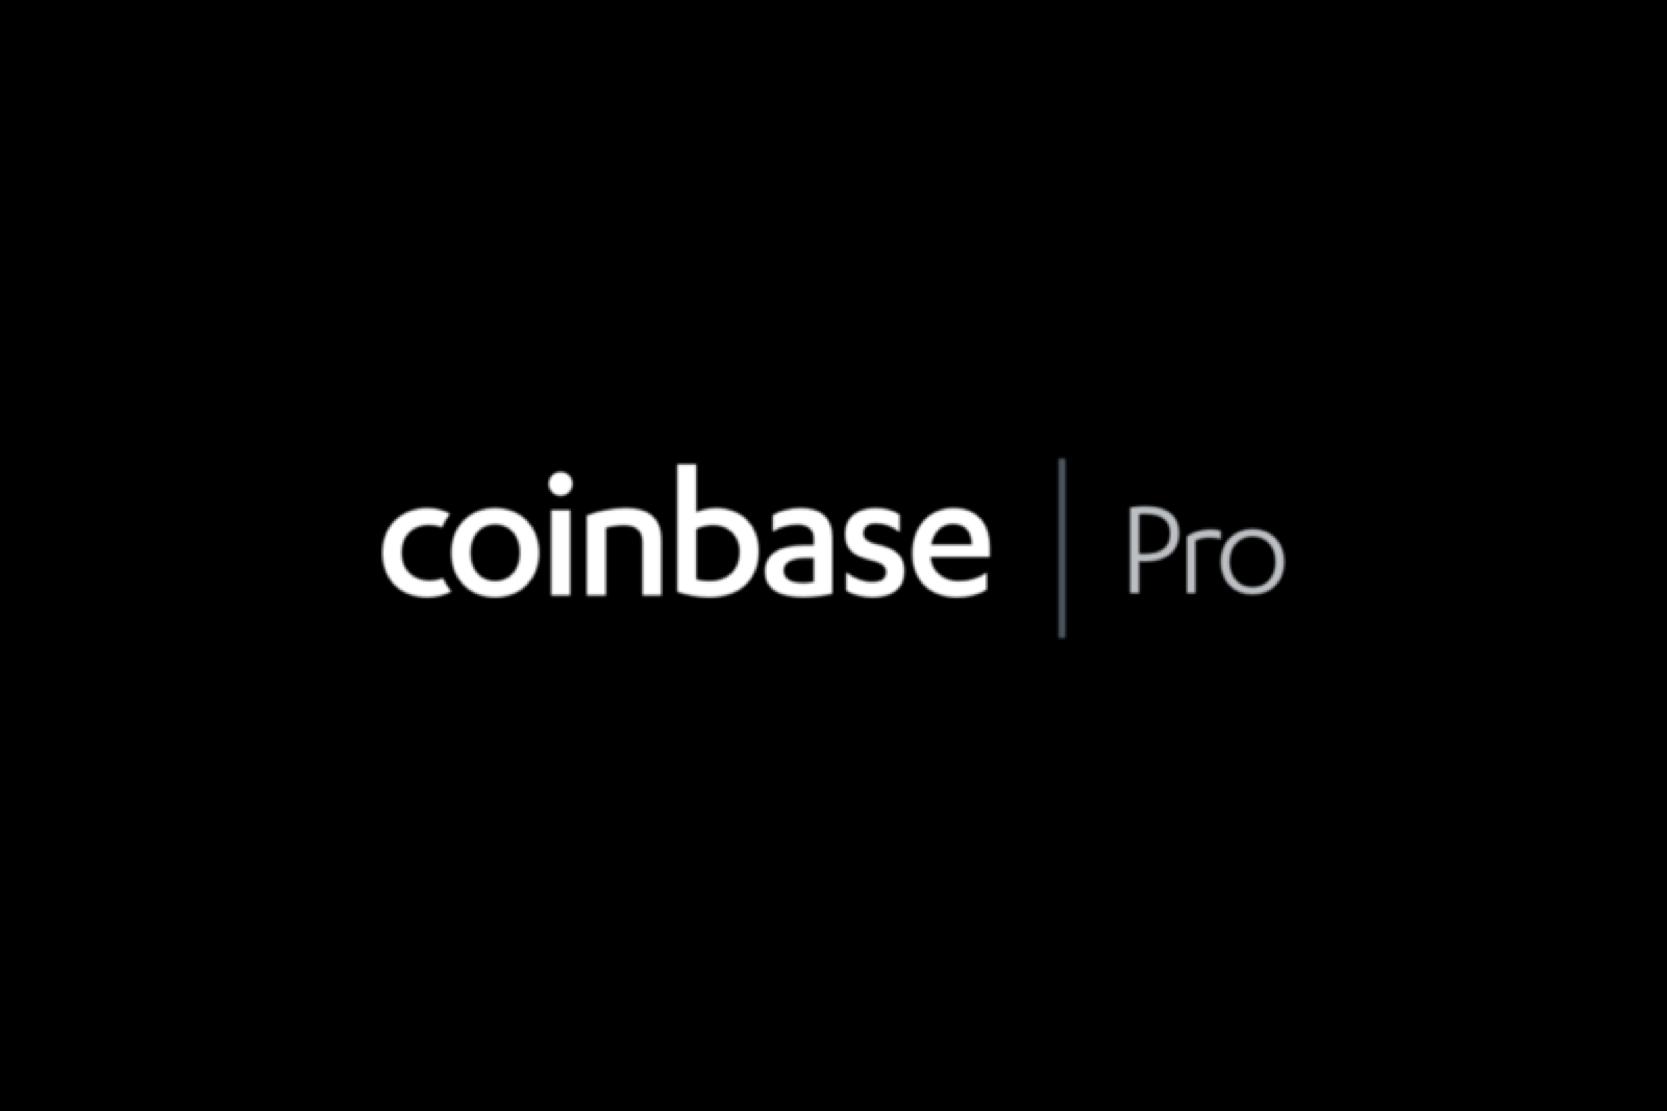 Coinbase, CoinbasePRO